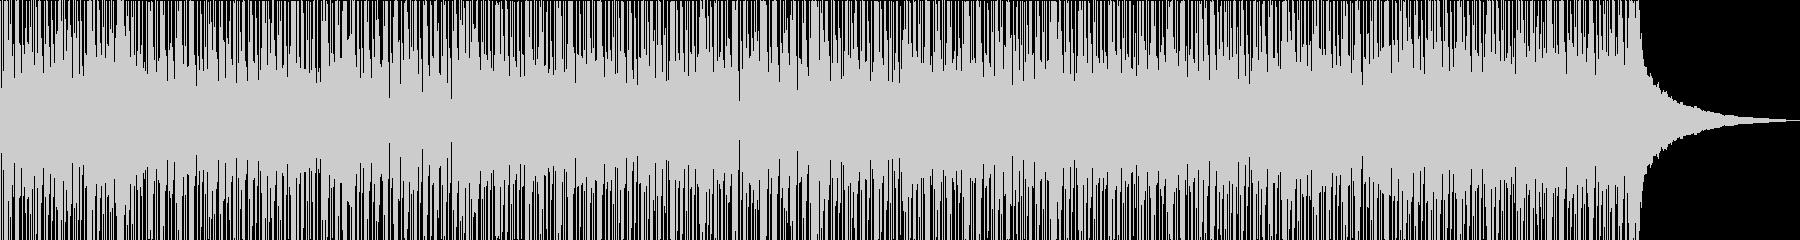 シンプルで爽快なポップロックの未再生の波形